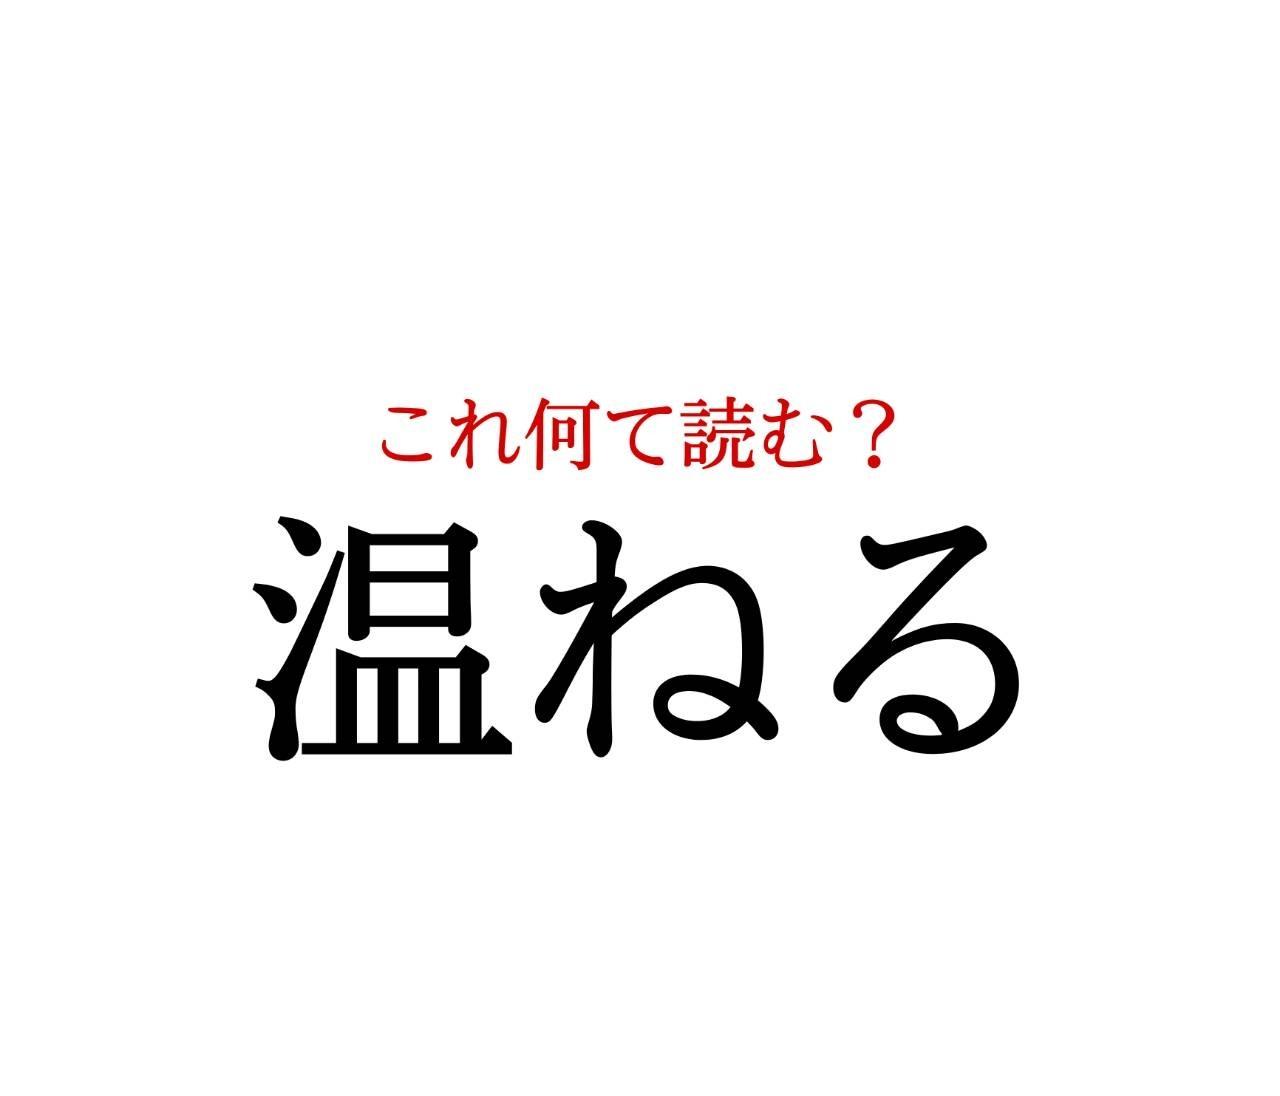 「温ねる」:この漢字、自信を持って読めますか?【働く大人の漢字クイズvol.232